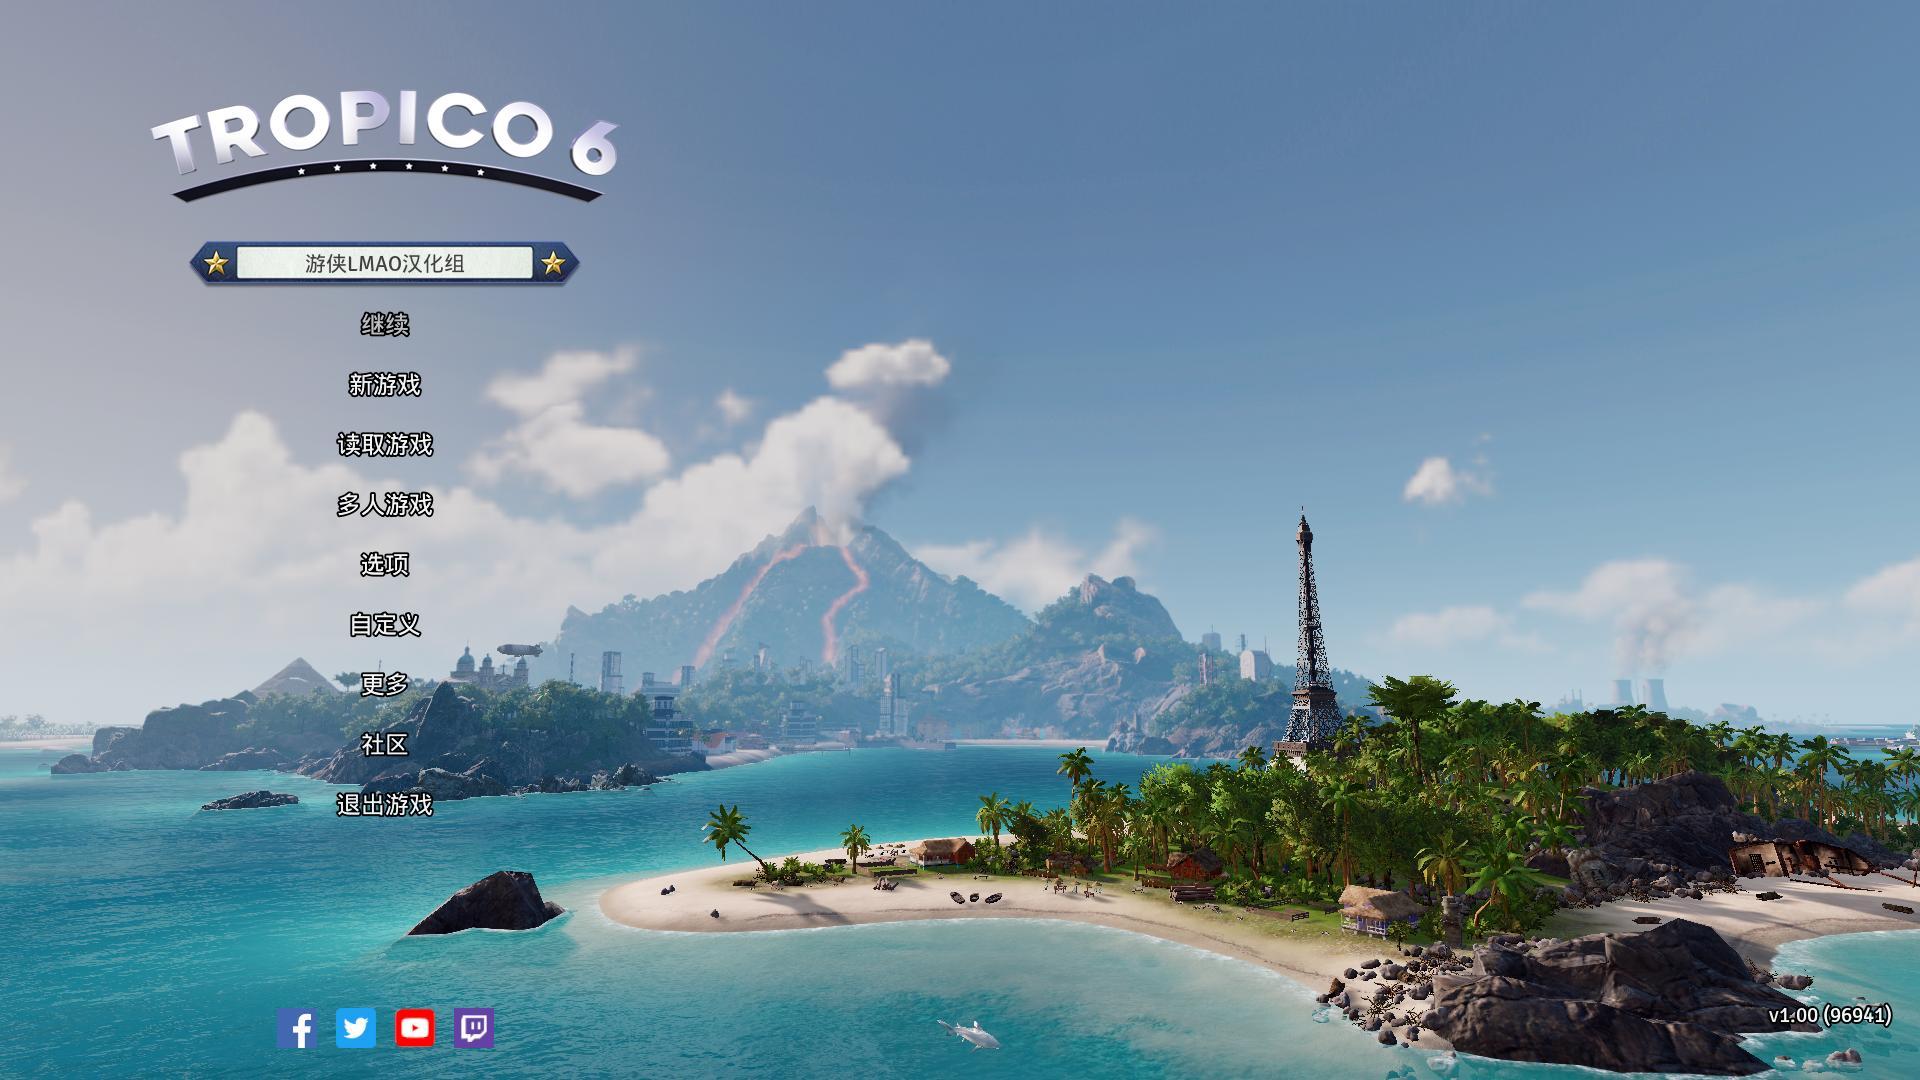 Tropico6-Win64-Shipping 2019-04-01 18-54-31-11.jpg